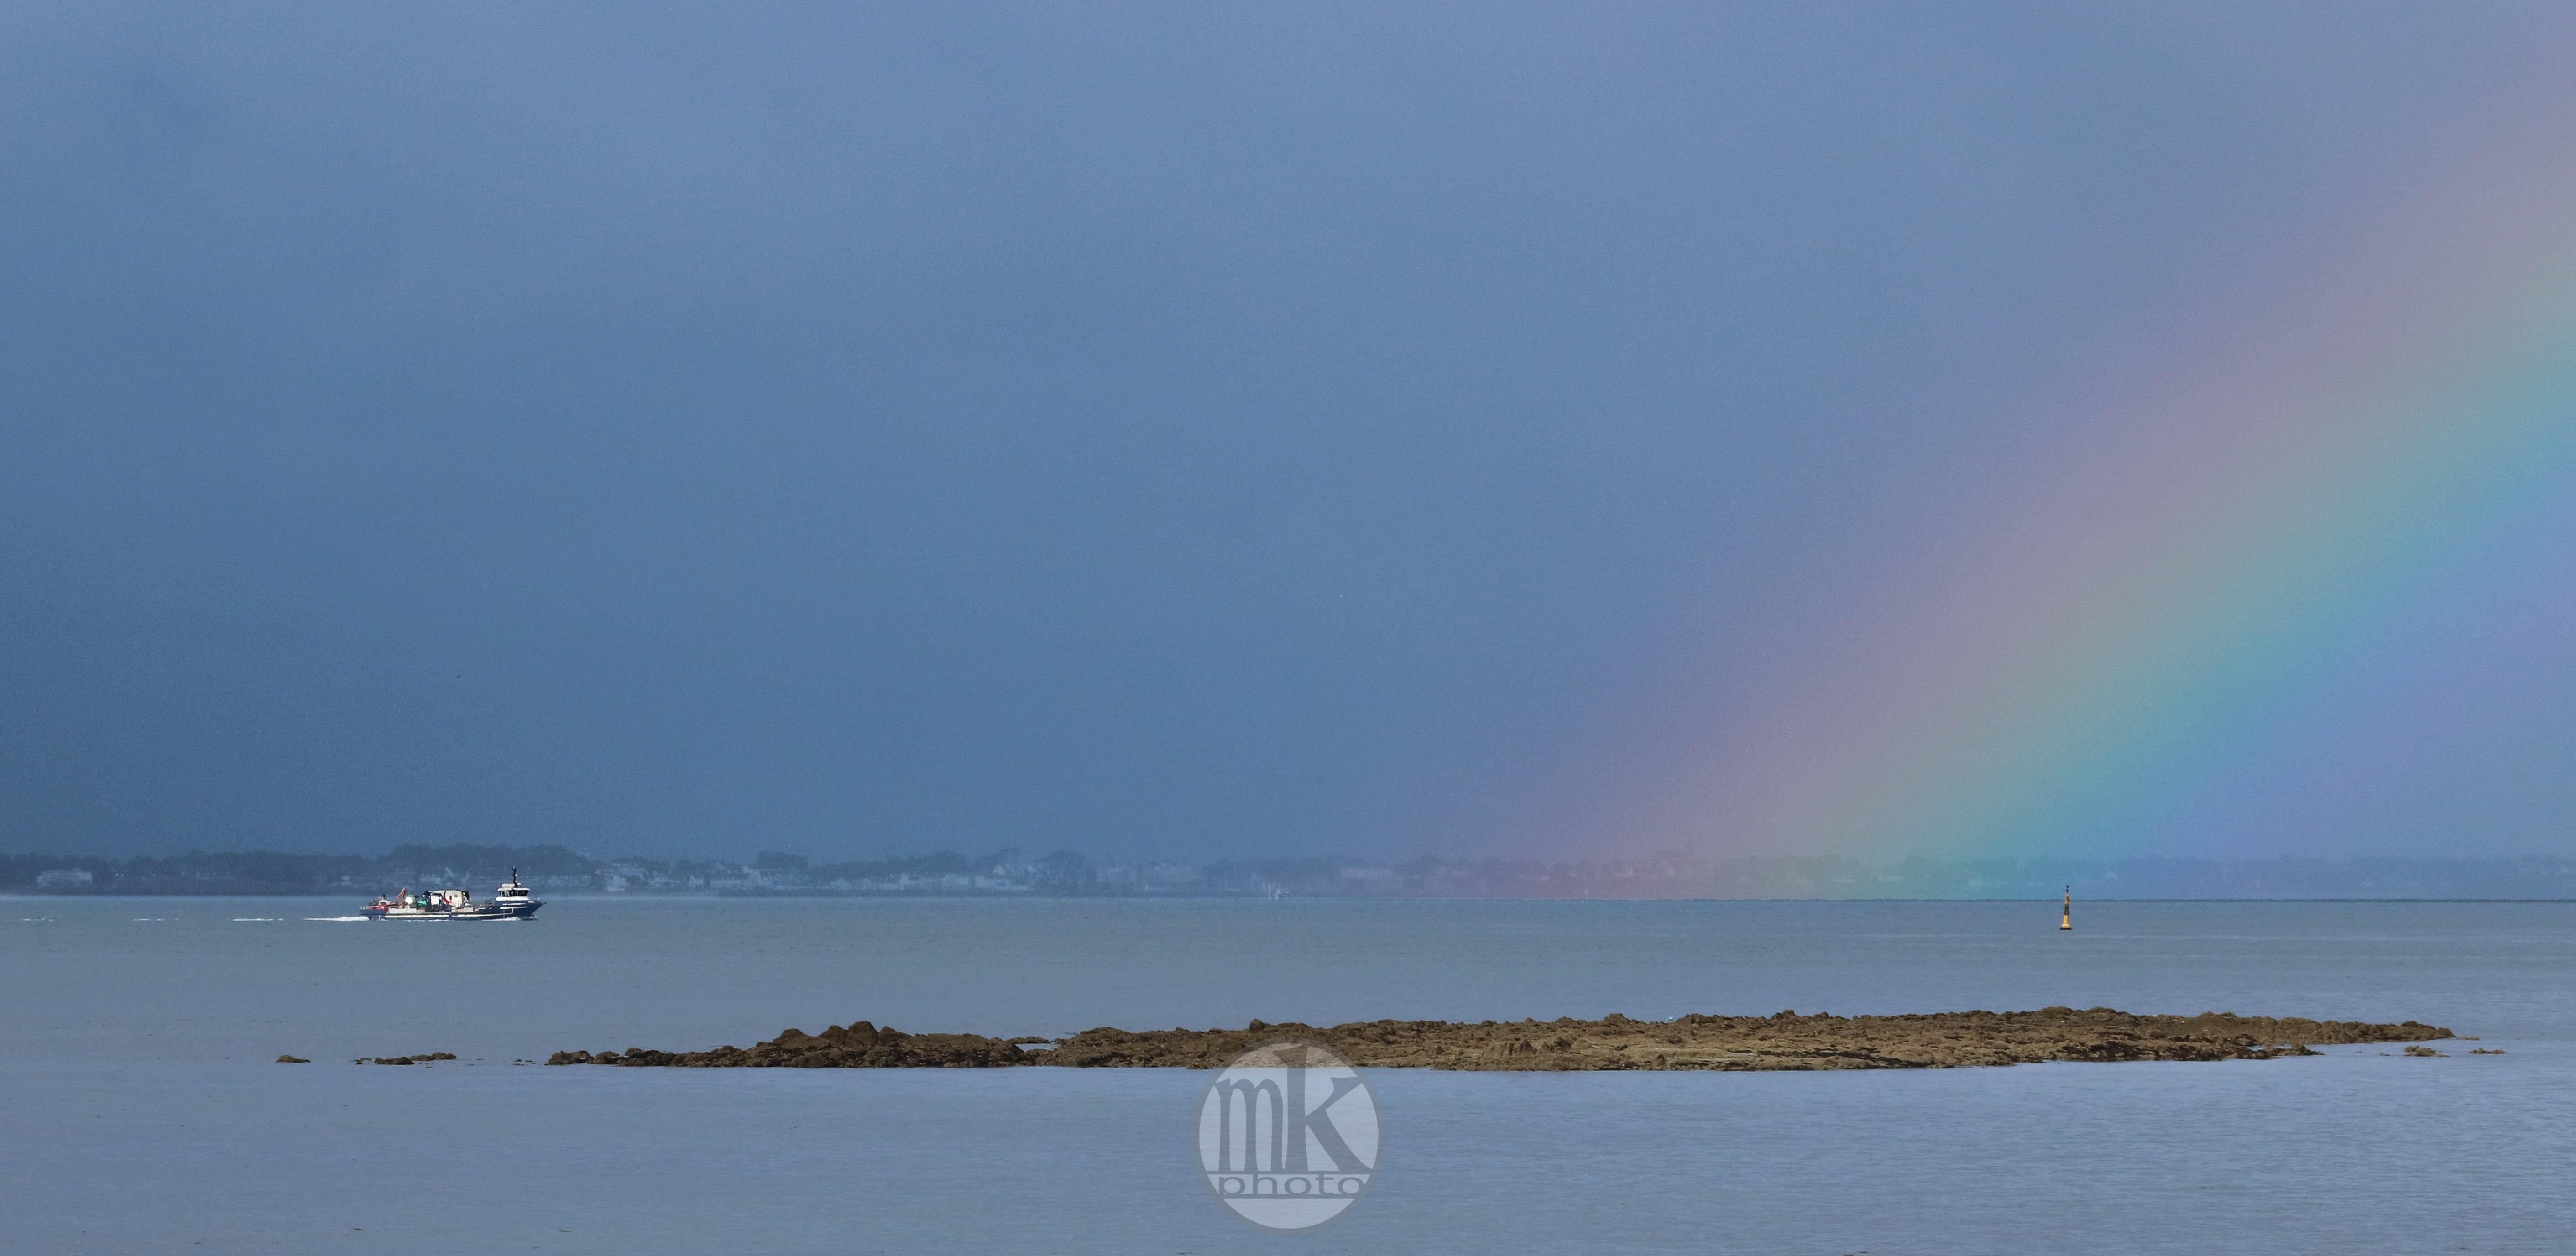 arc-en-ciel, Baie de quiberon, 16 juin 20, 9-24-30